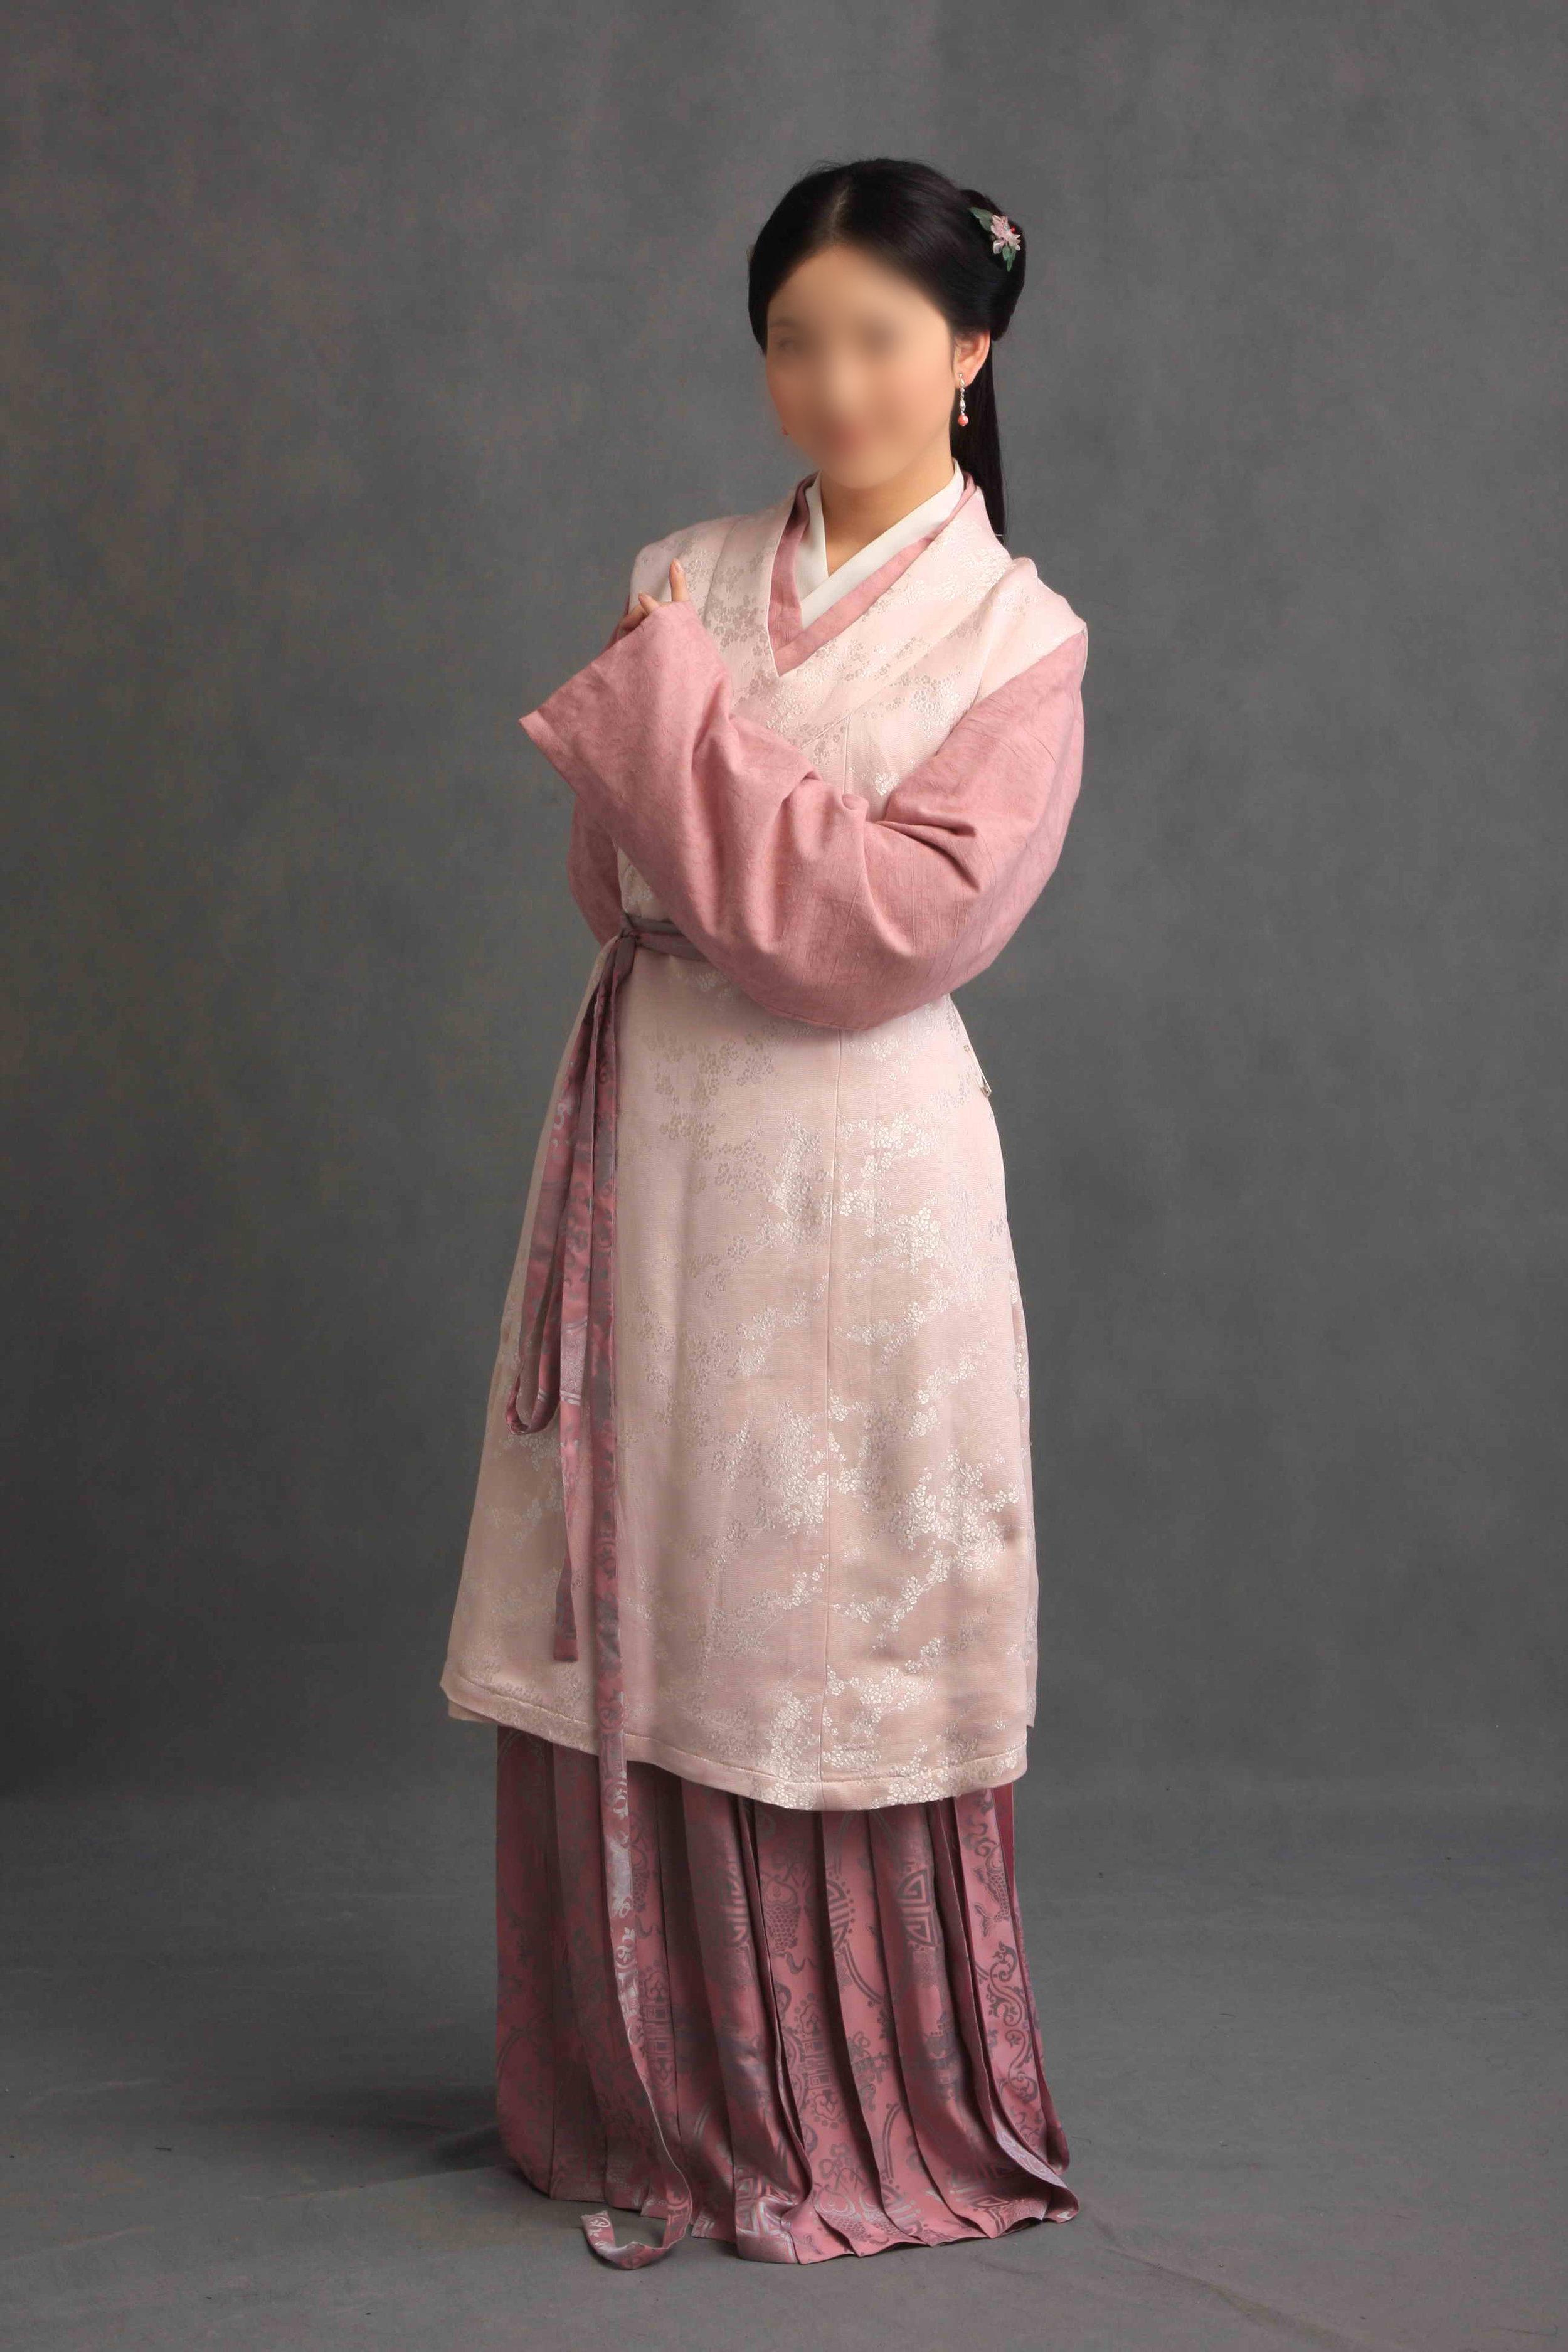 - Servant Girl's Costume